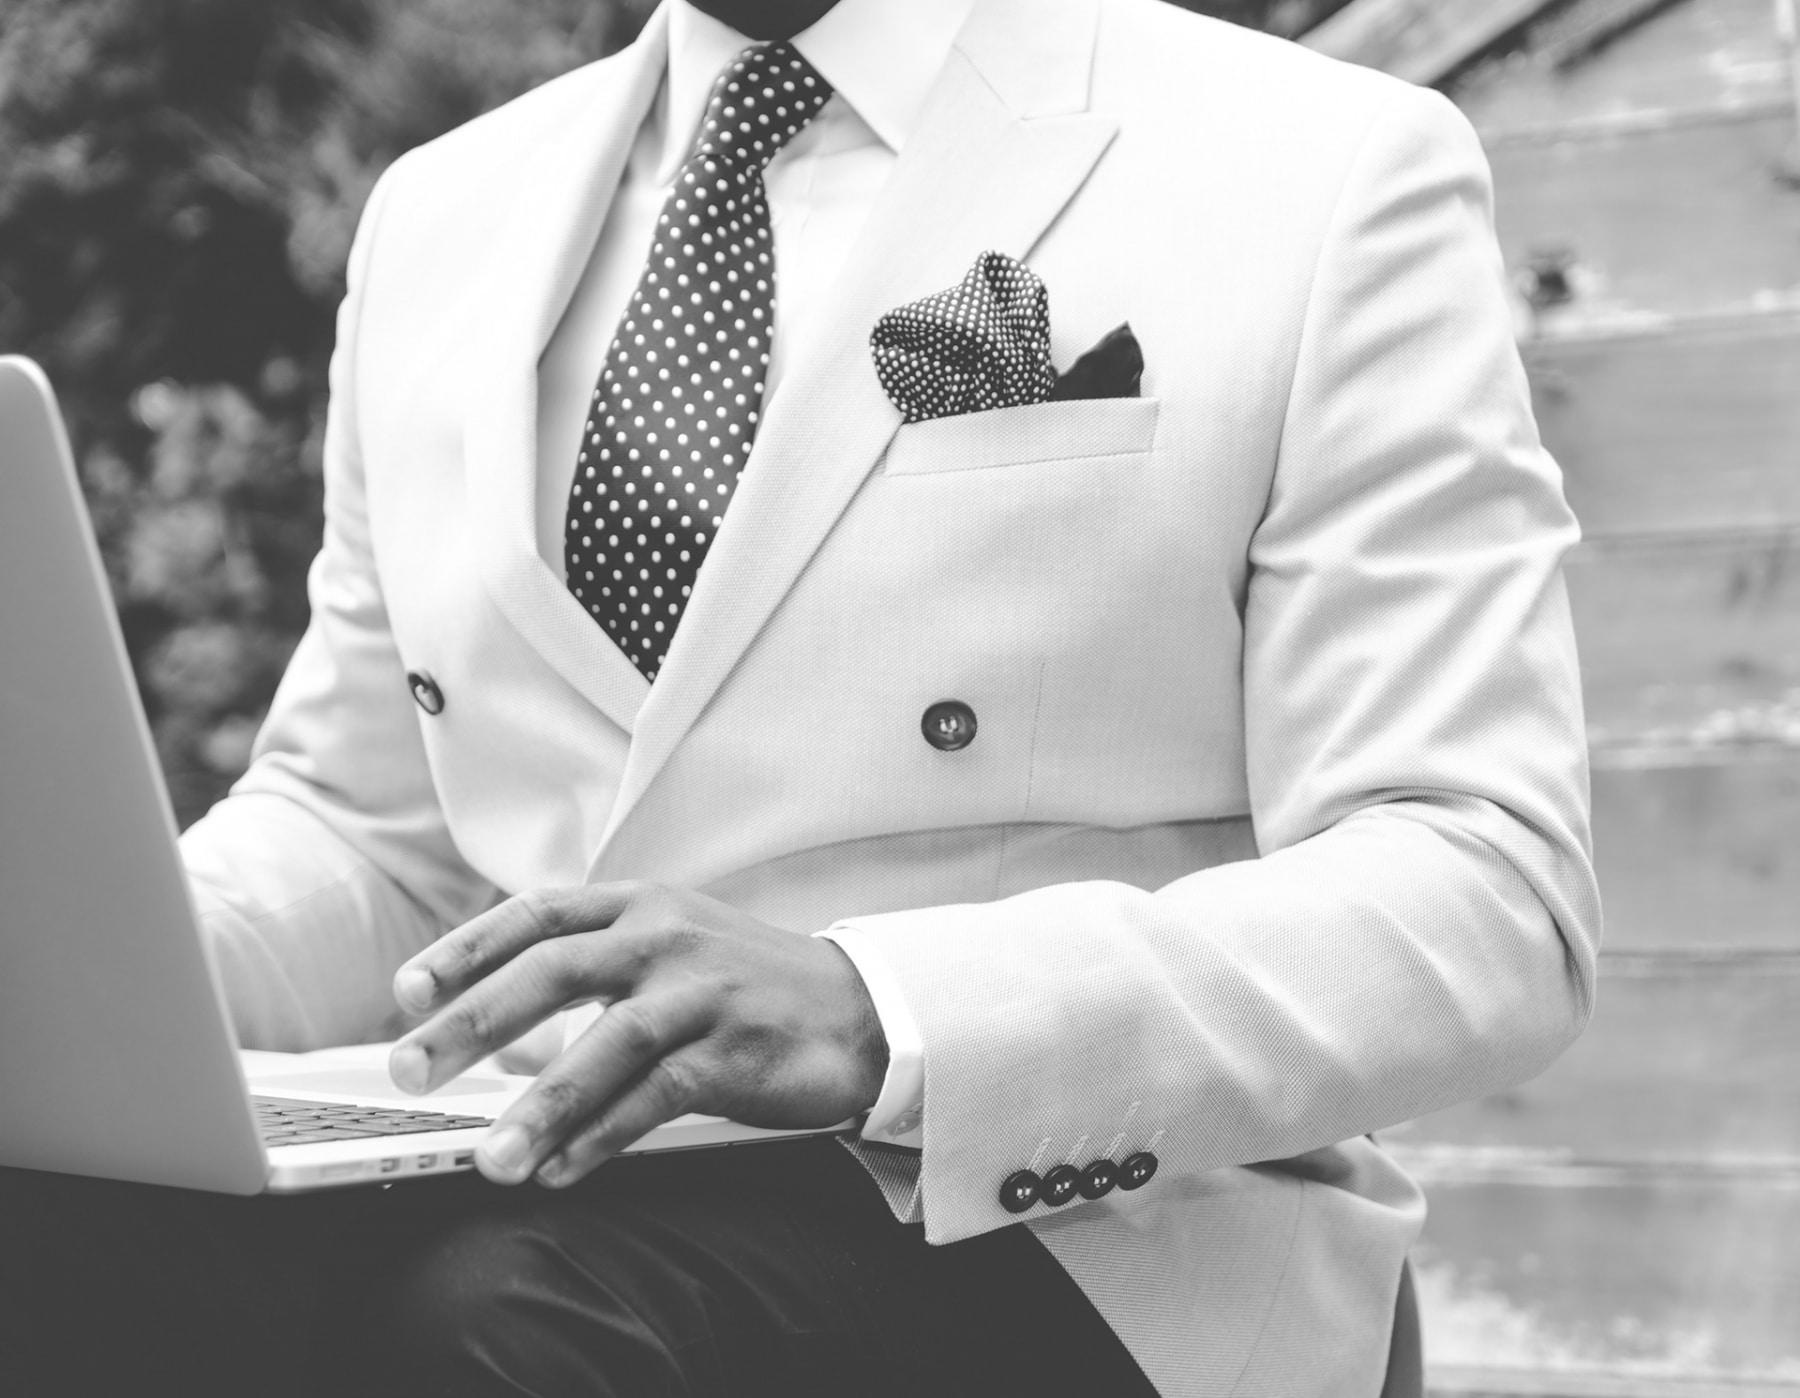 off white colour blazer using laptop